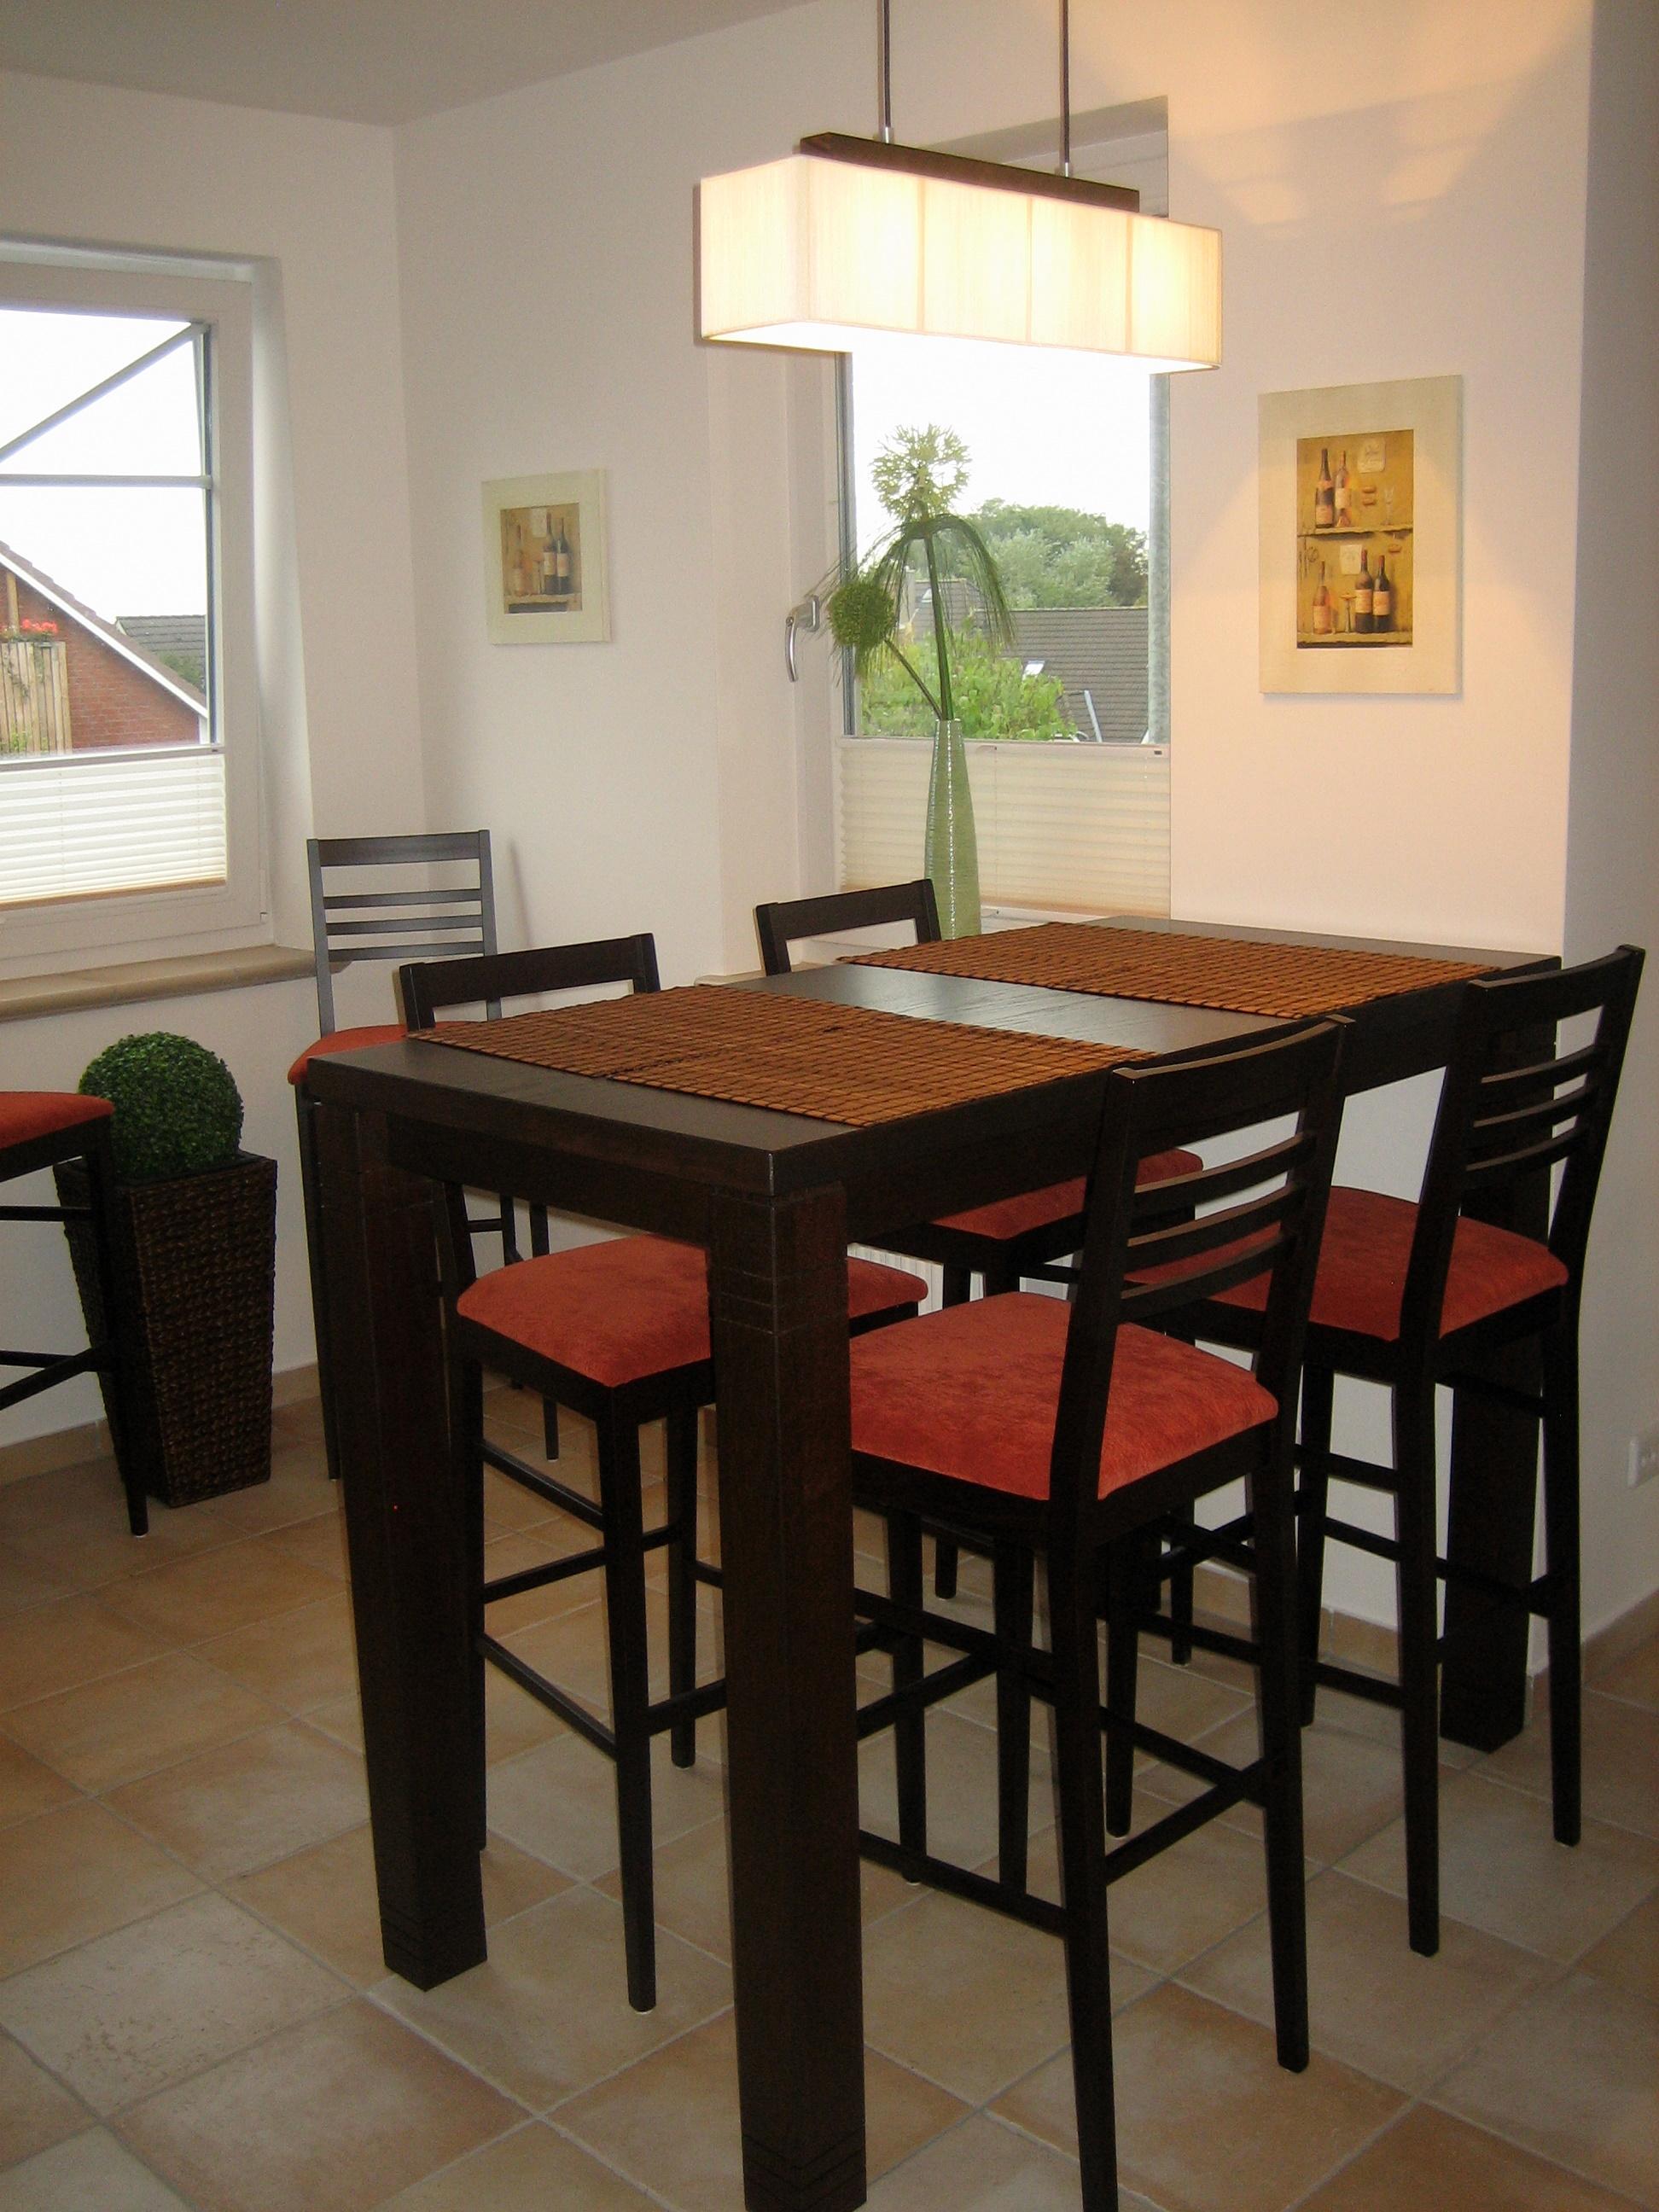 schlafzimmer traum haus design m bel ideen und. Black Bedroom Furniture Sets. Home Design Ideas